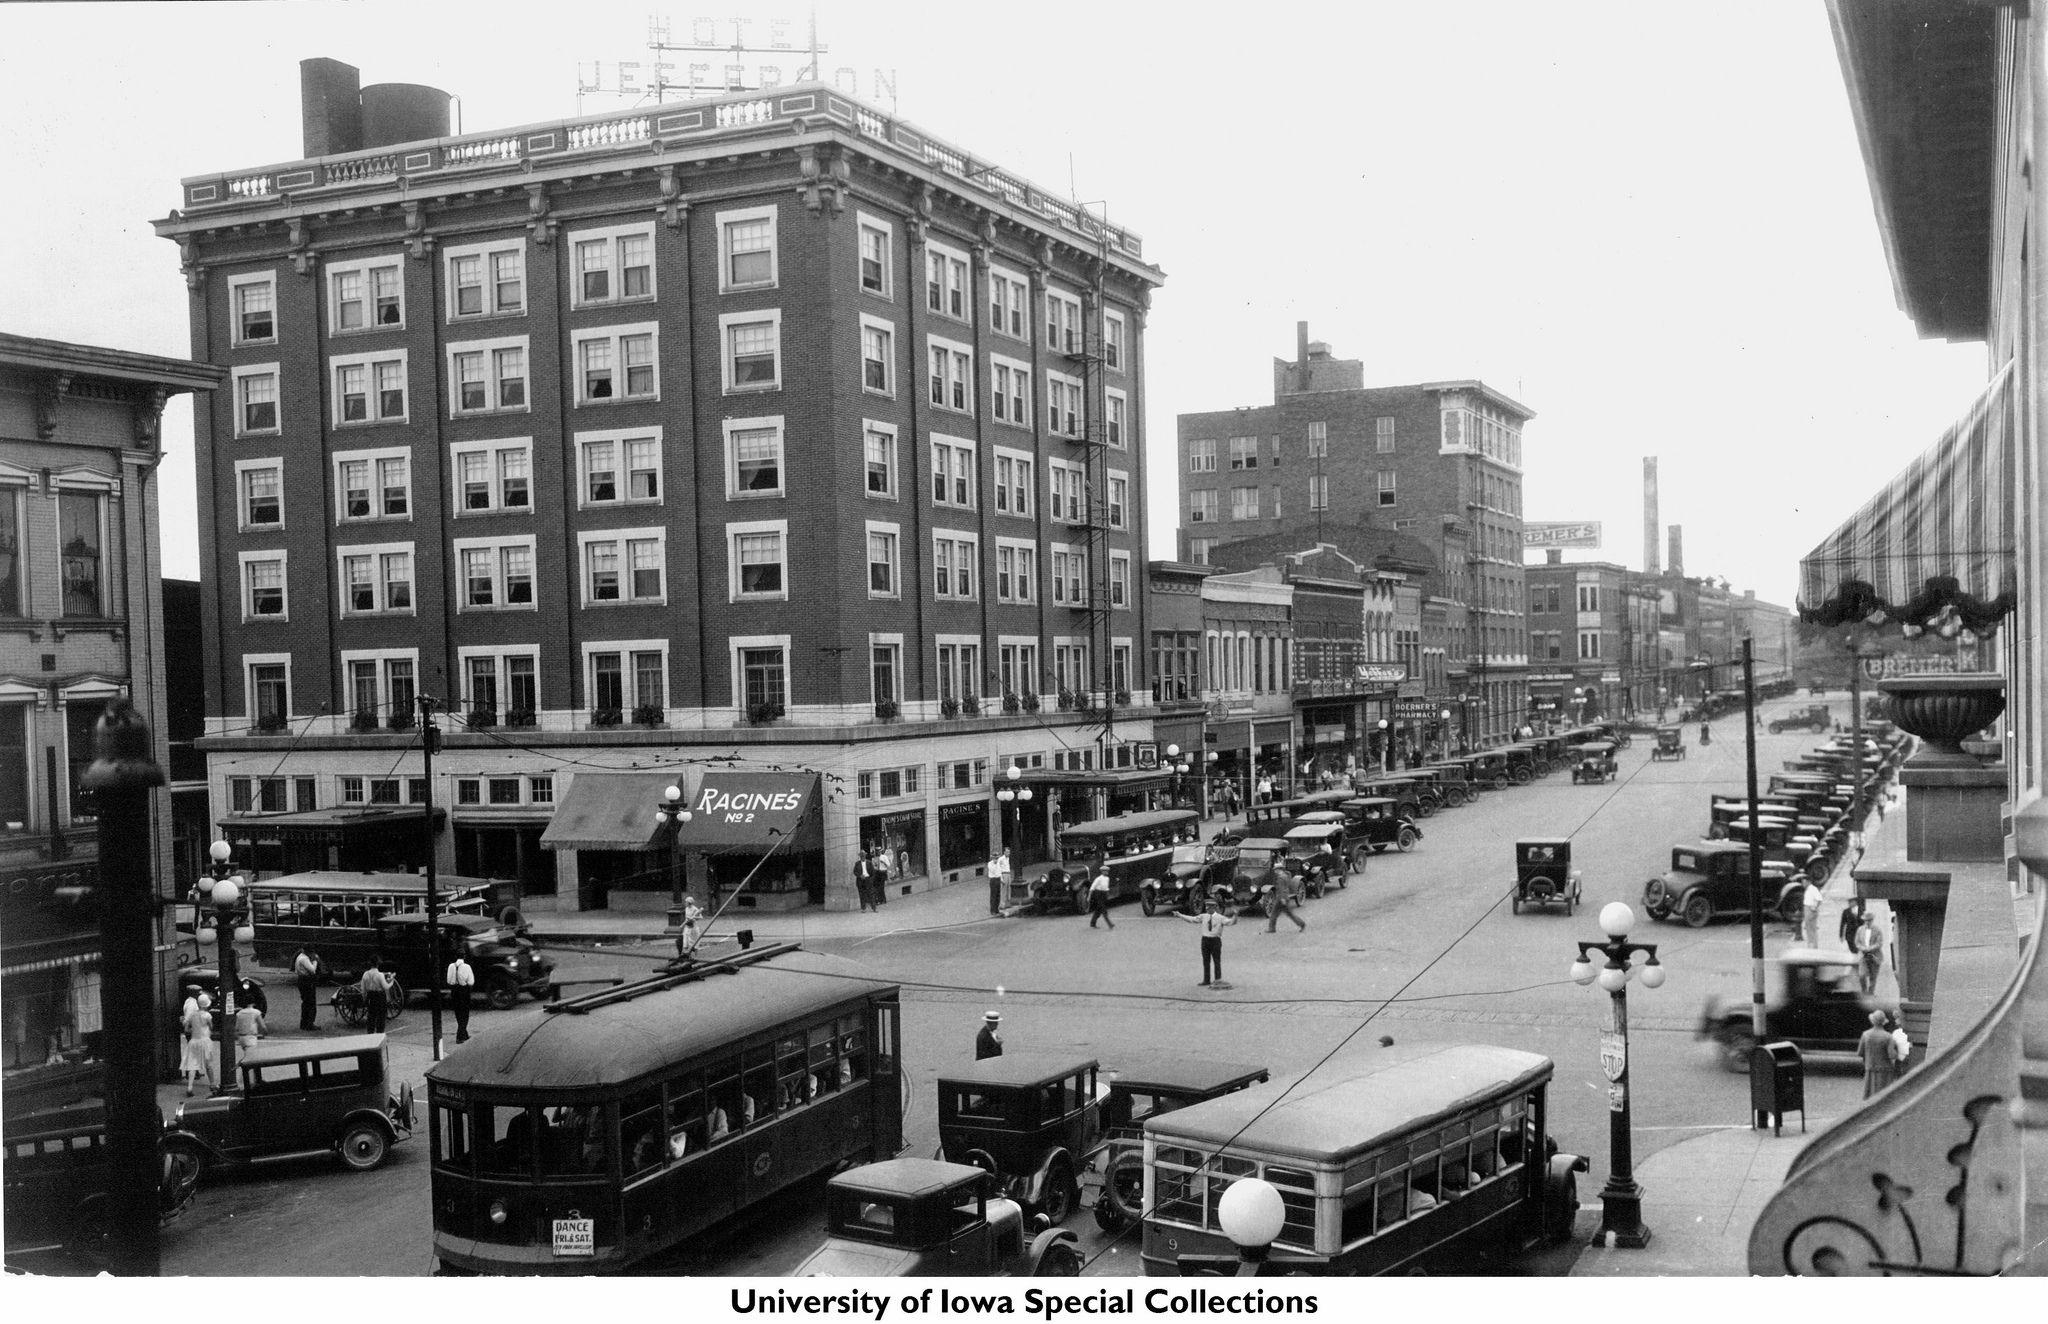 Racine S Hotel Jefferson Iowa City Iowa 1925 Iowa City